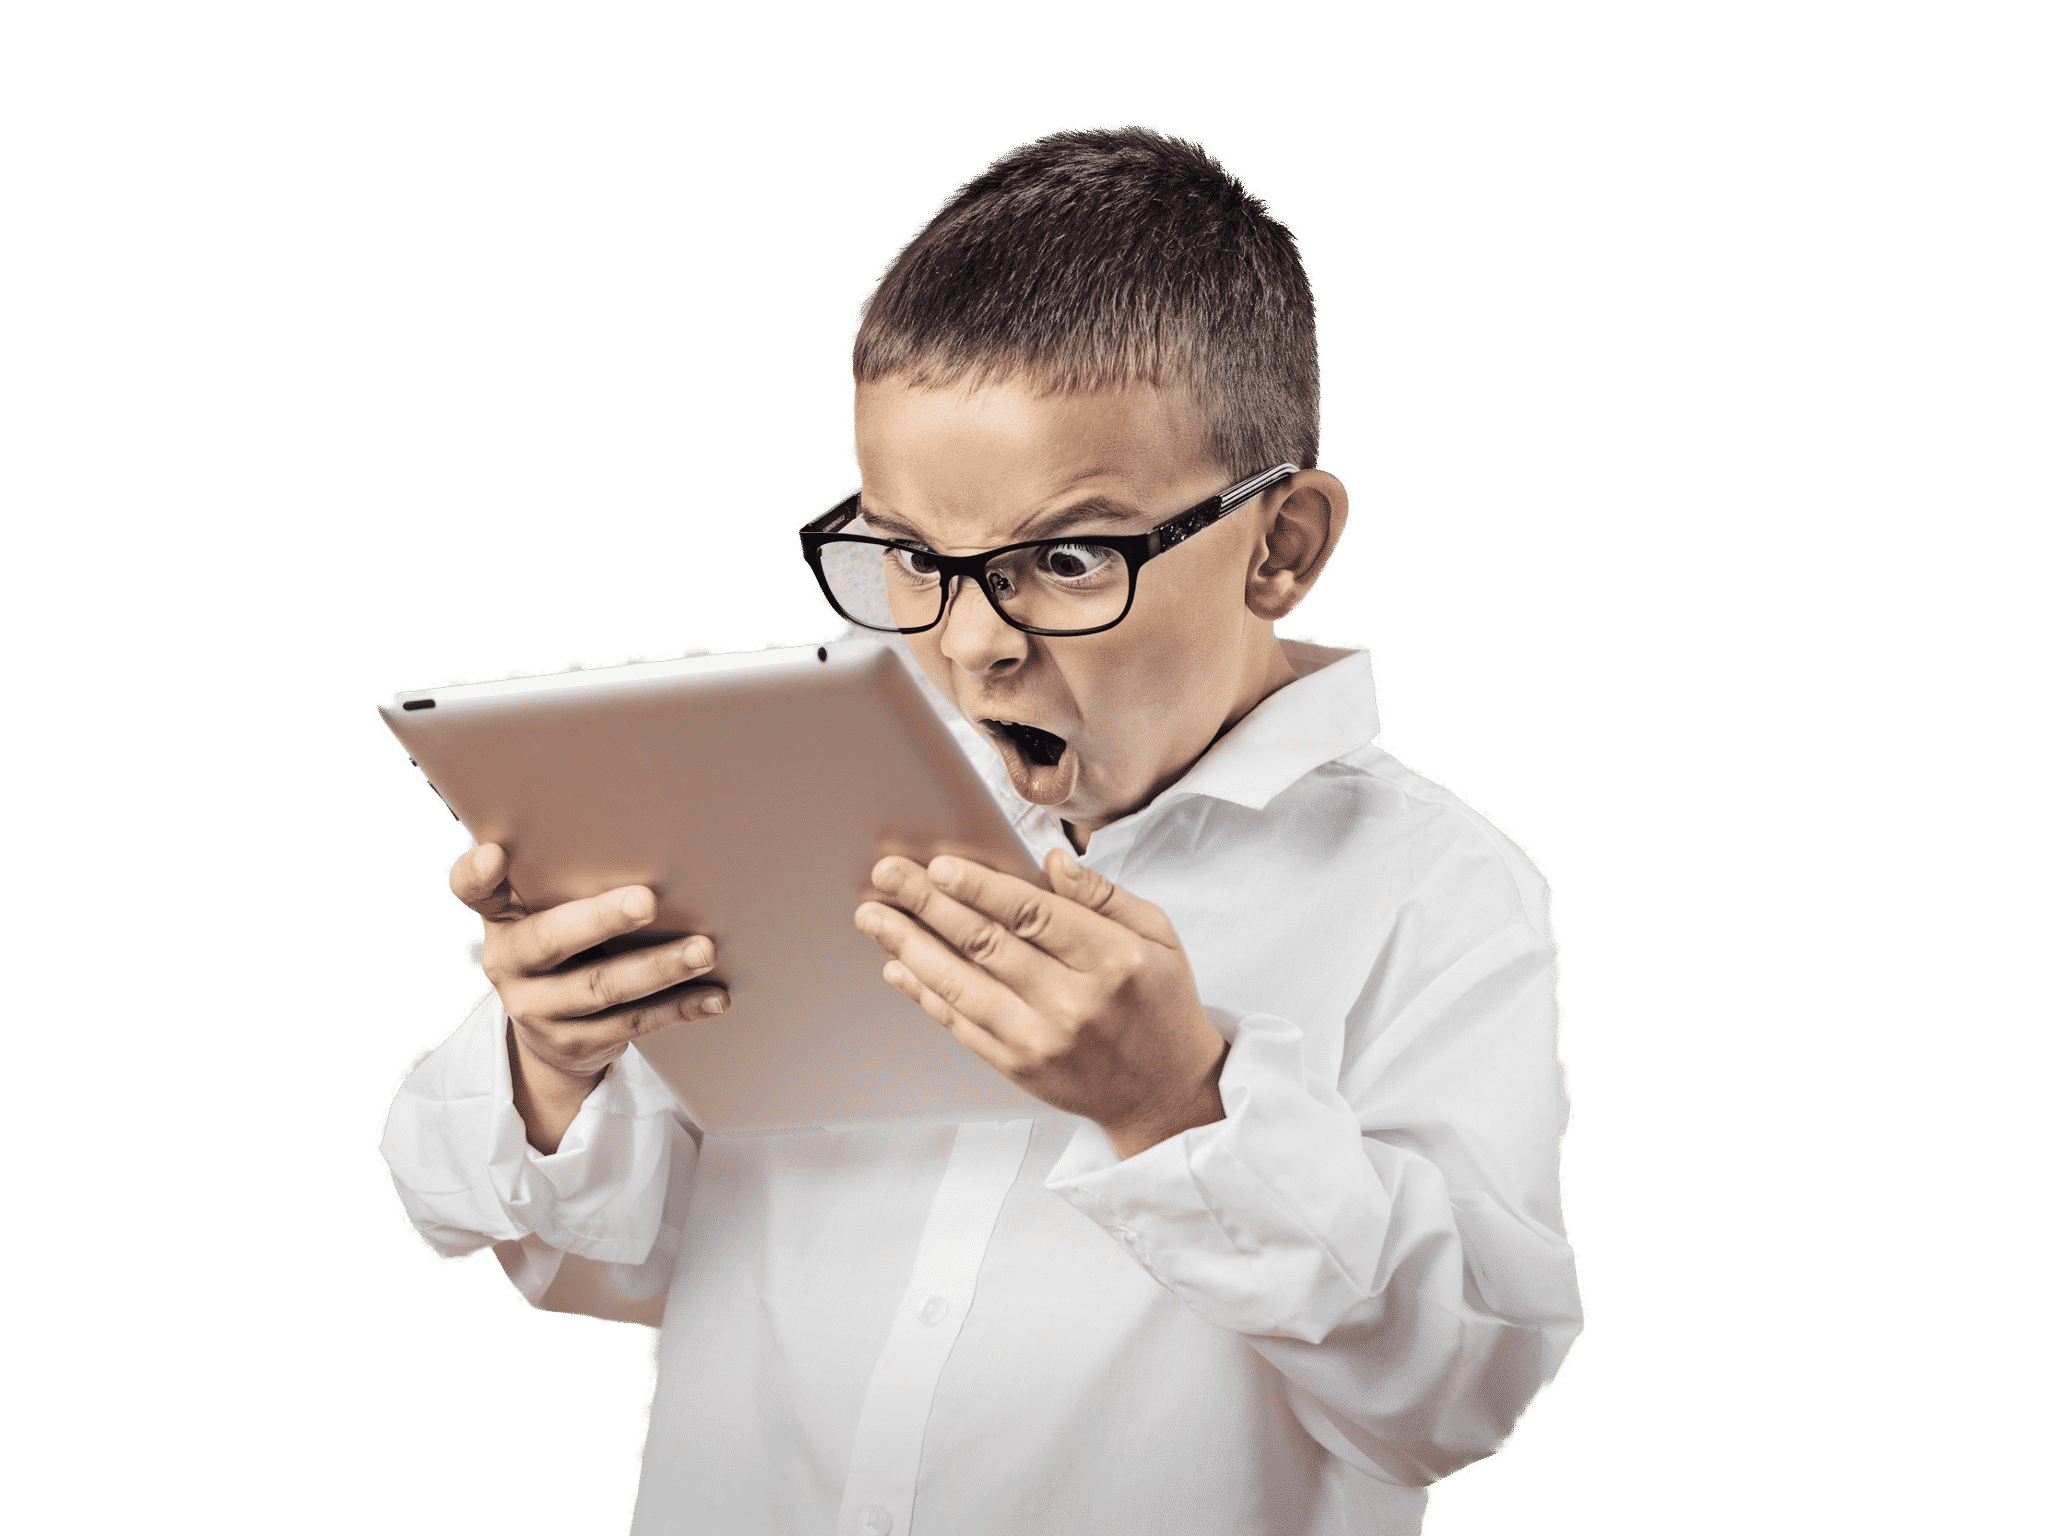 STEP Elterntraining Starke Kinder - starke Eltern und Erziehungstraining in der lernfabriQ Kempten.